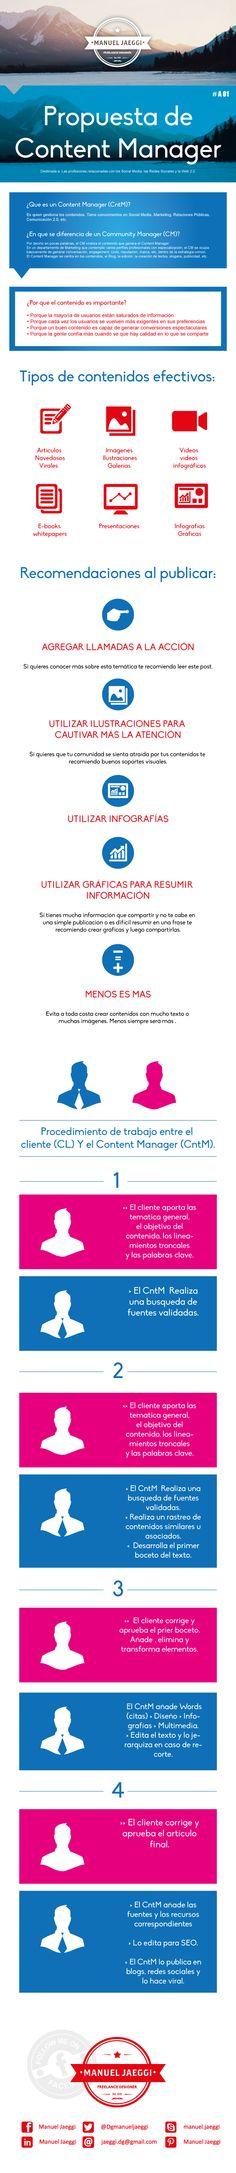 Como desarrollar -adecuadamente- un buen plan de #MarketingDeContenidos #Infografía